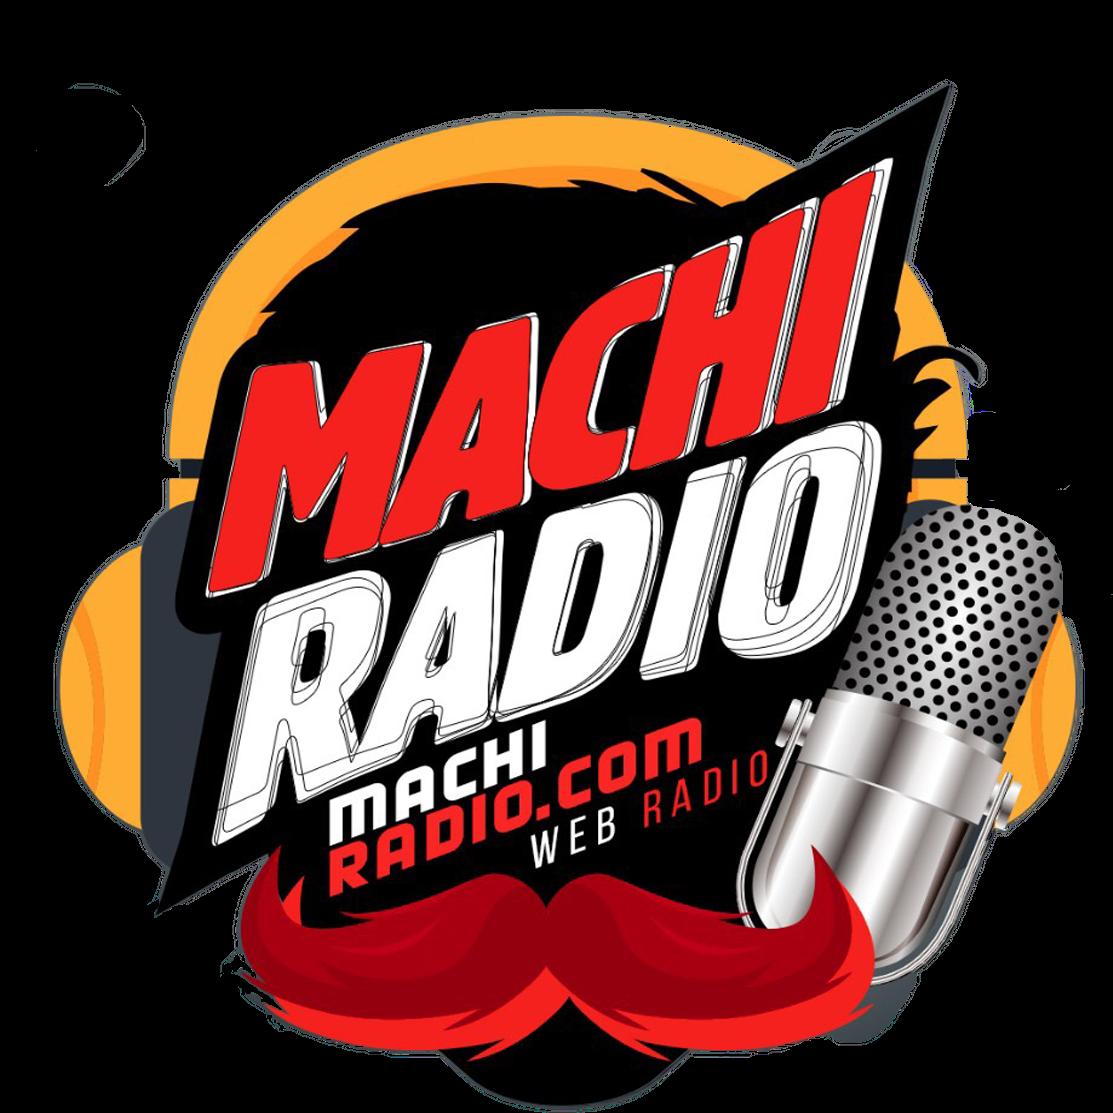 Machi Radio Canada